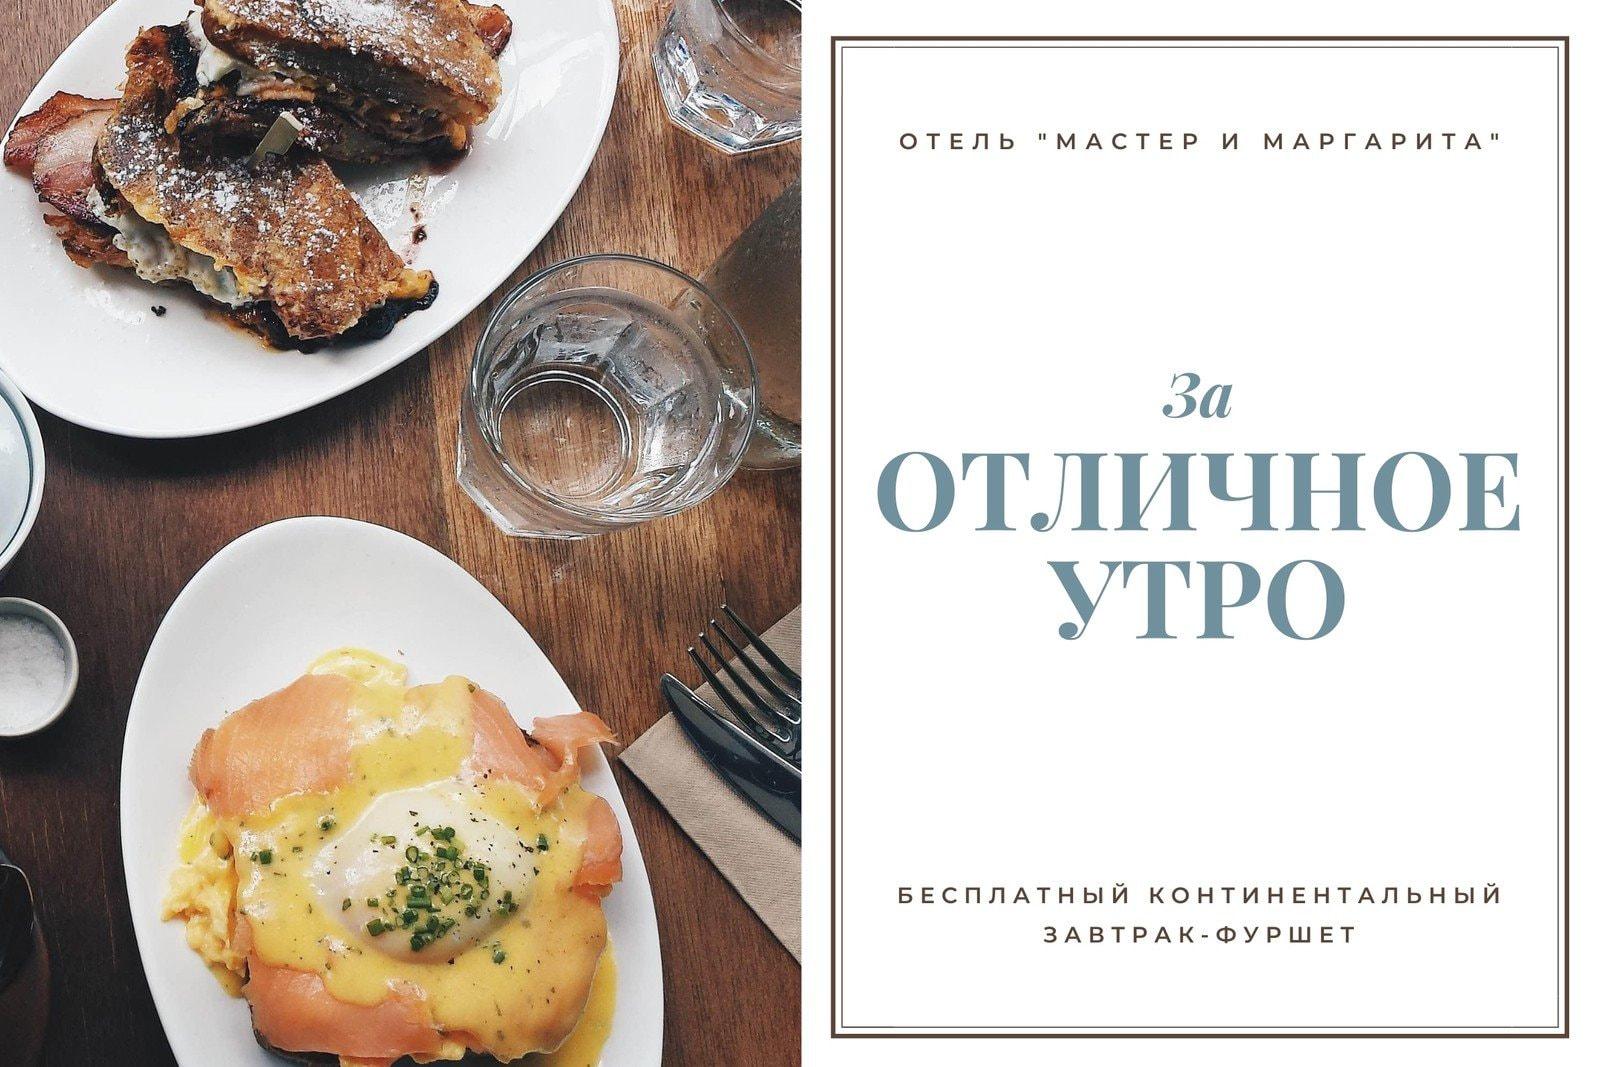 Завтрак Фото Отель Подарочный Сертификат Рамка